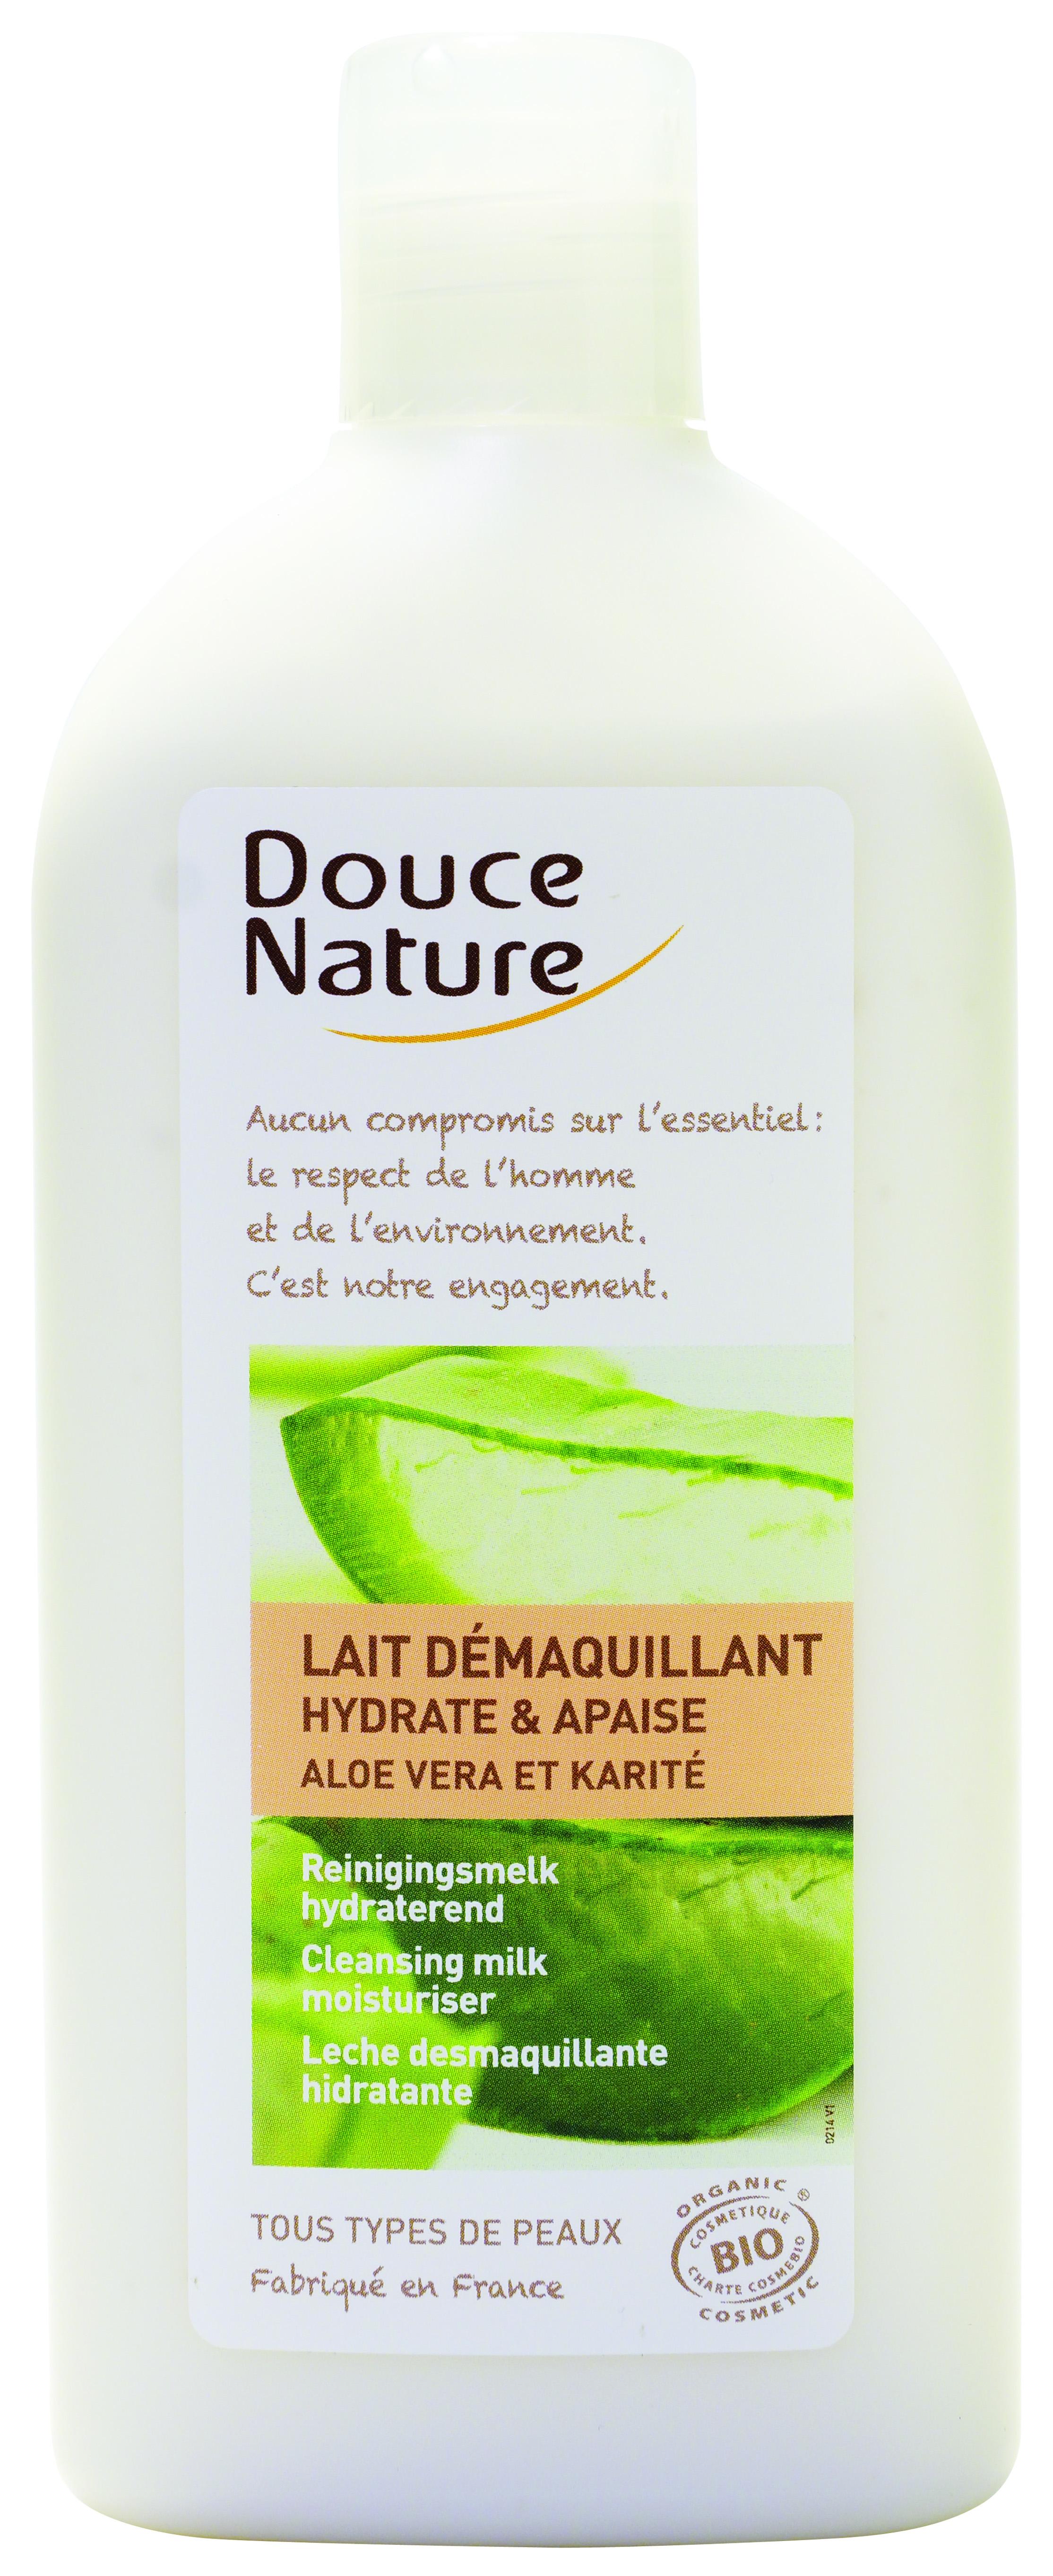 Lait démaquillant hydratant et apaisant Aloe vera et Karité, Douce Nature (300 ml)